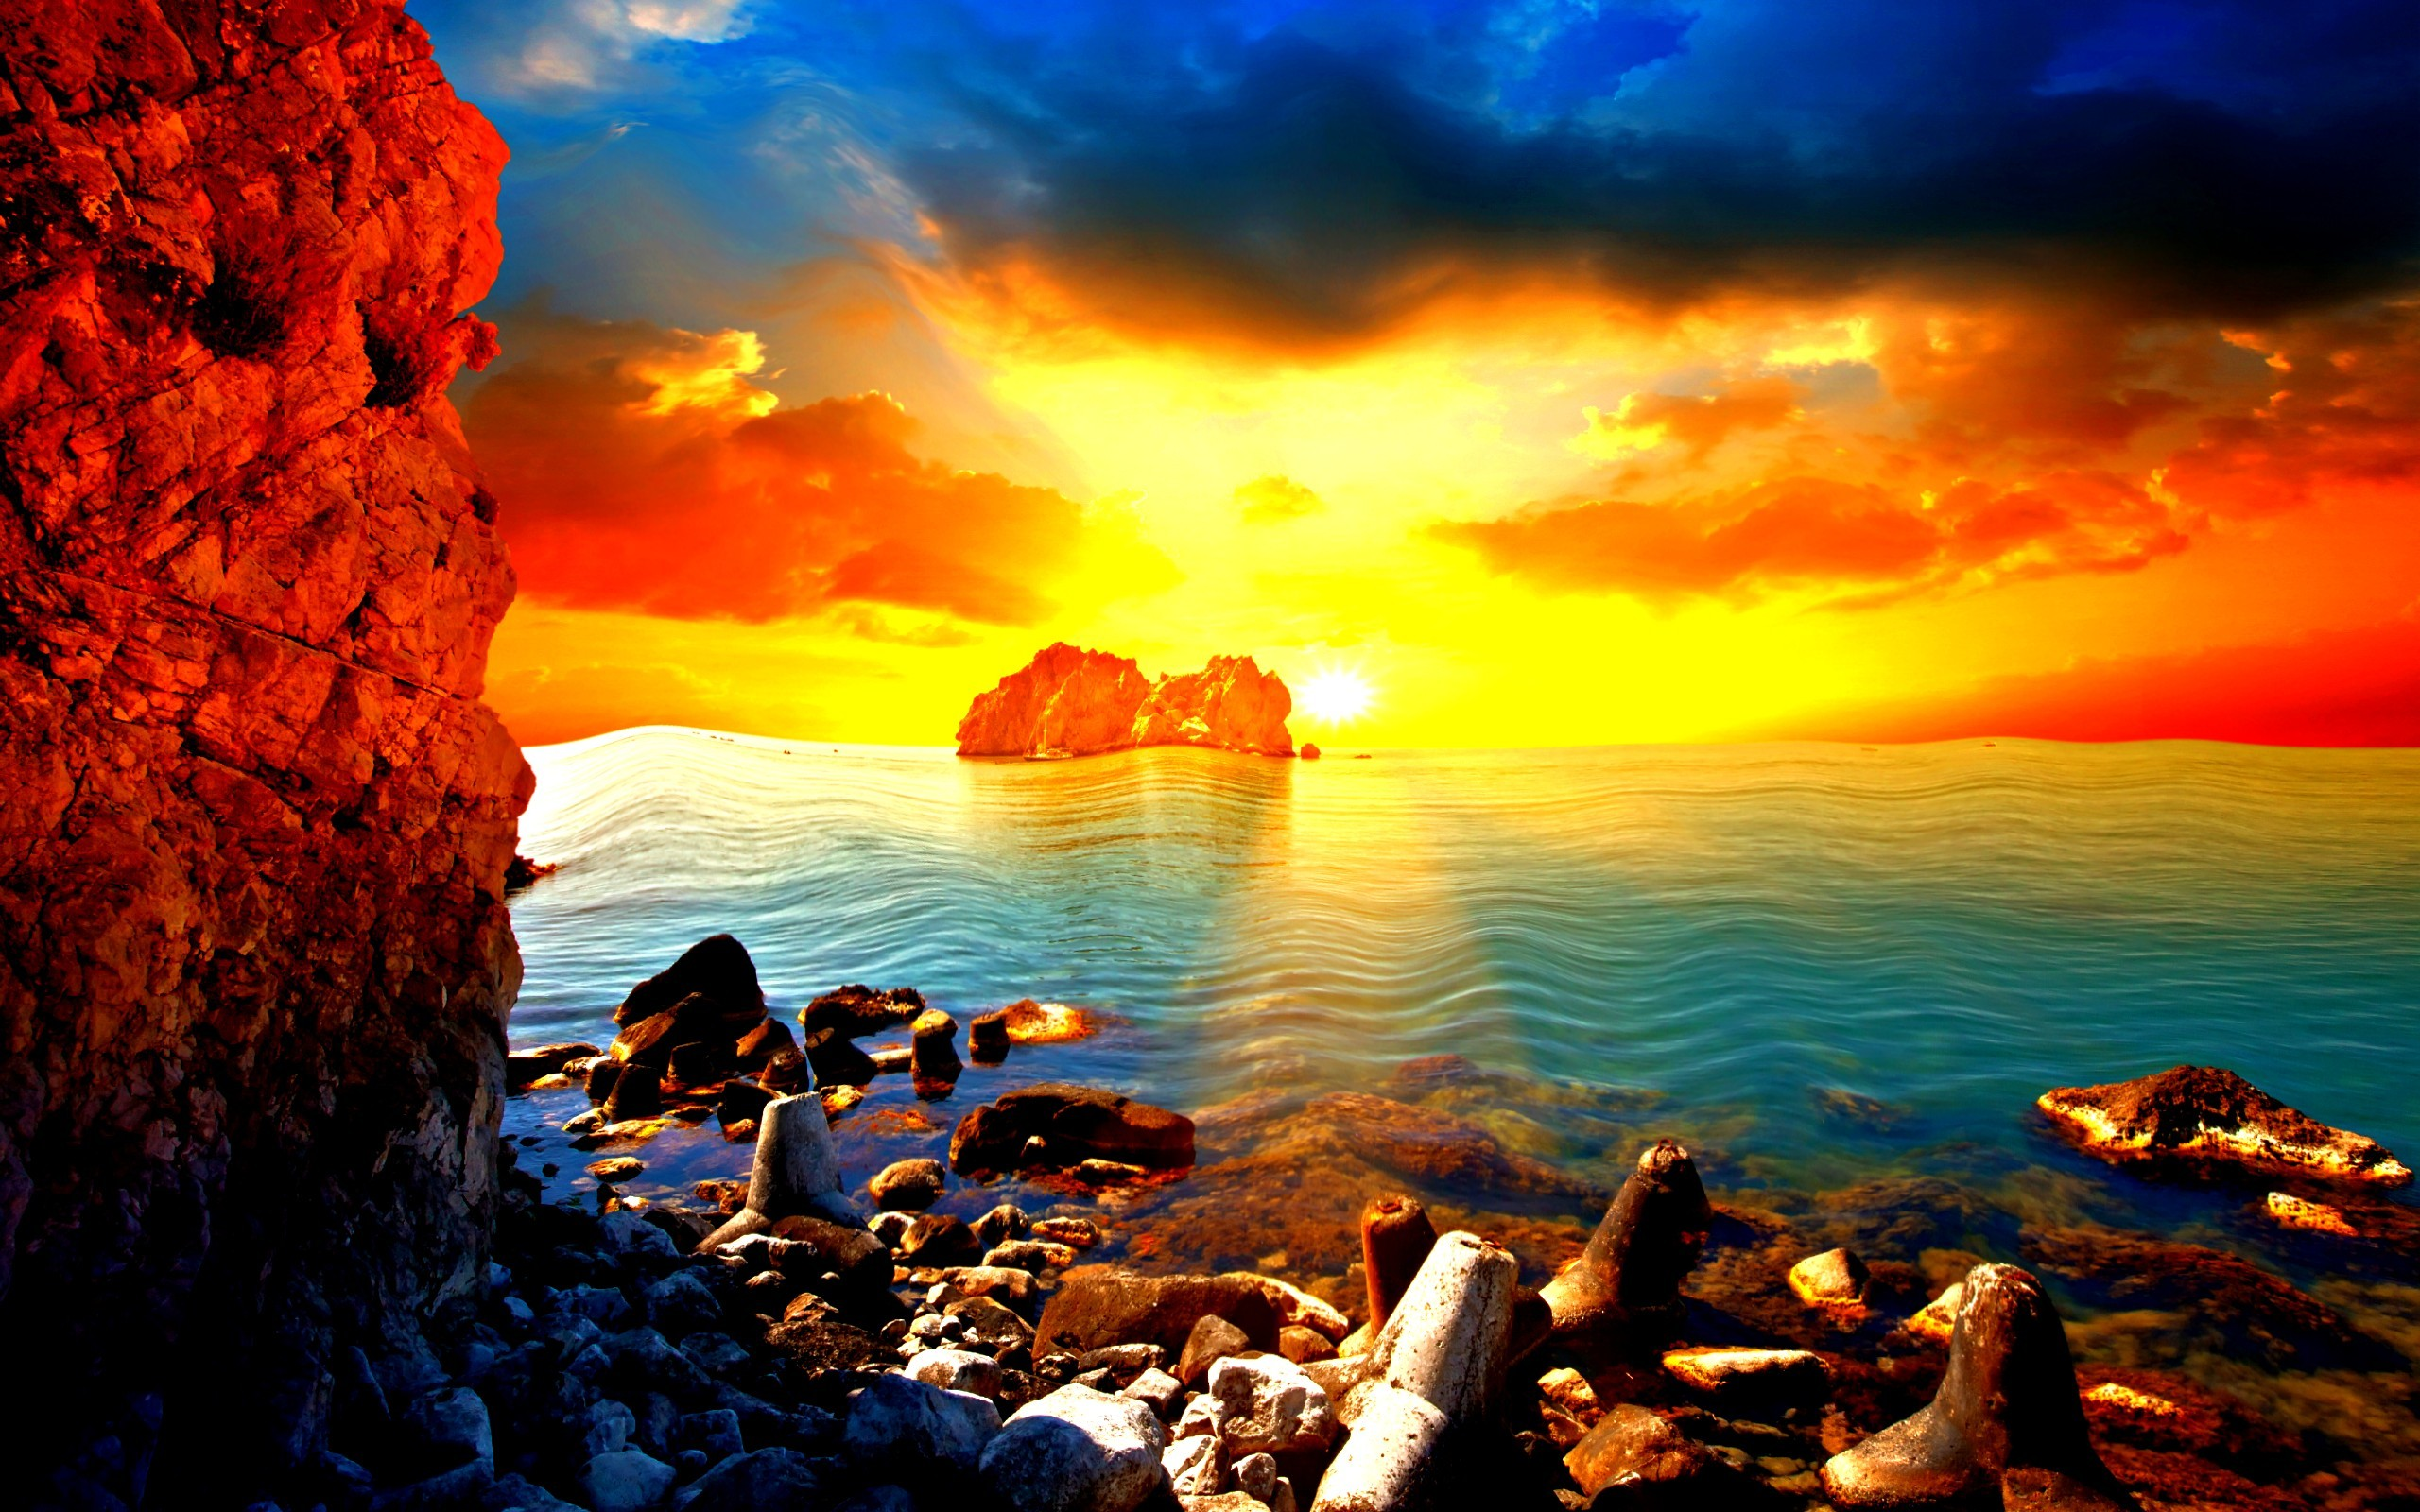 Res: 2560x1600, Crazy Beach Sunset Wallpaper